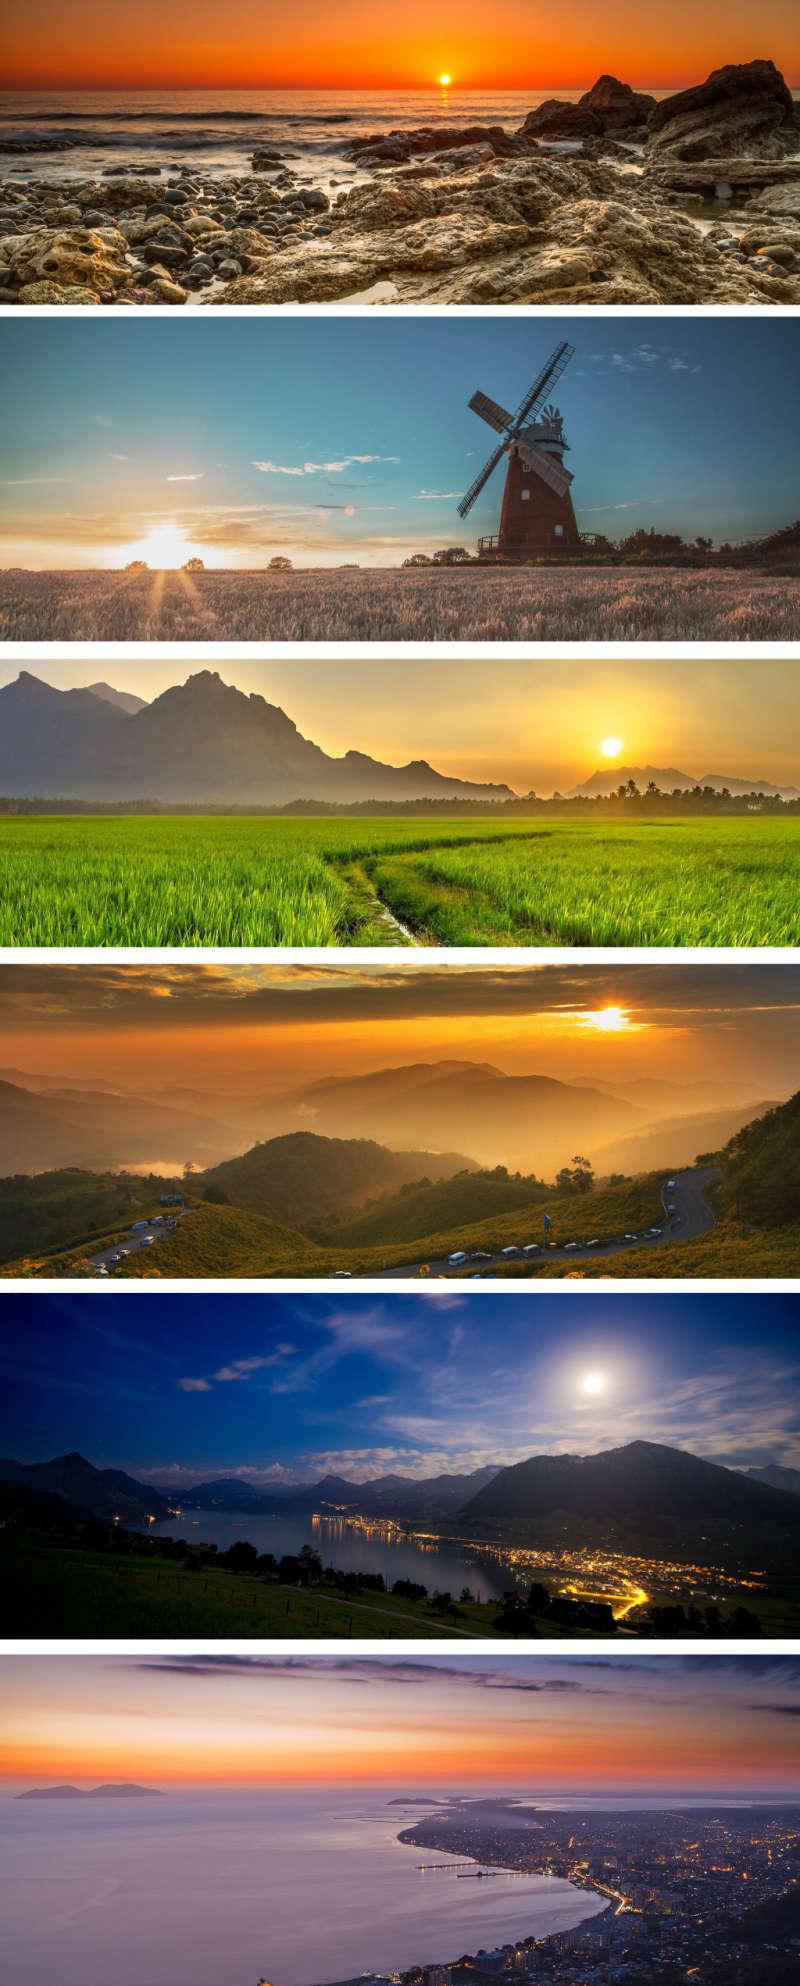 最美夕阳高山蓝天风景图片素材